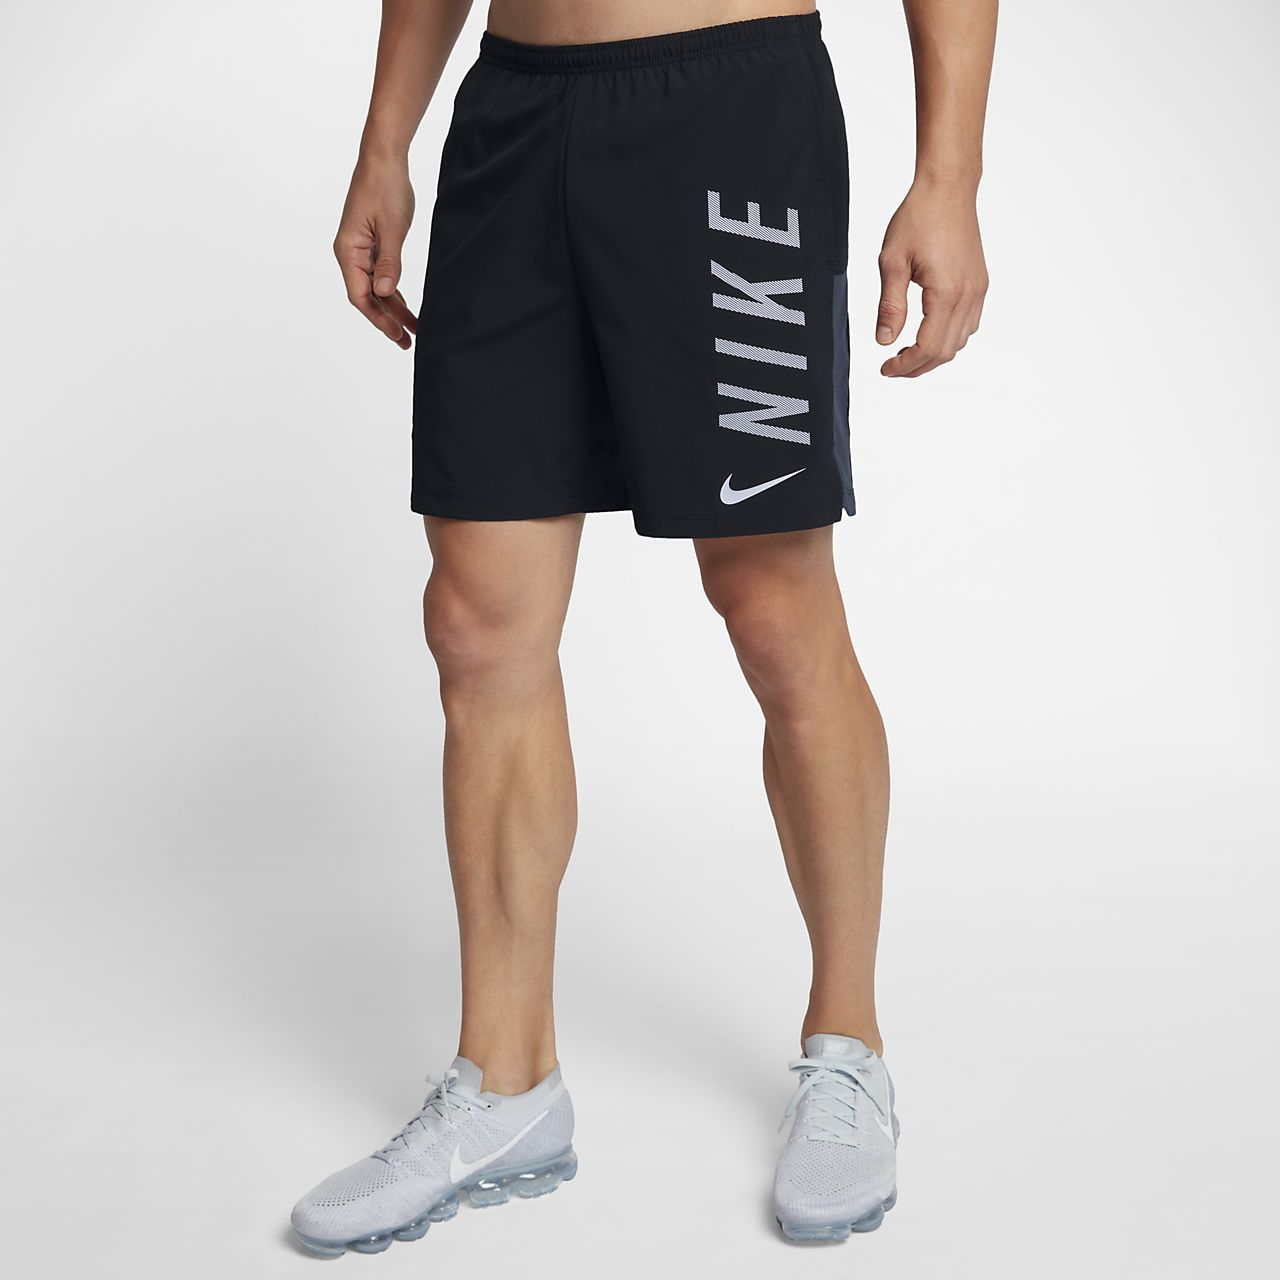 Lined Running Shorts Nike Challenger Men's 7\